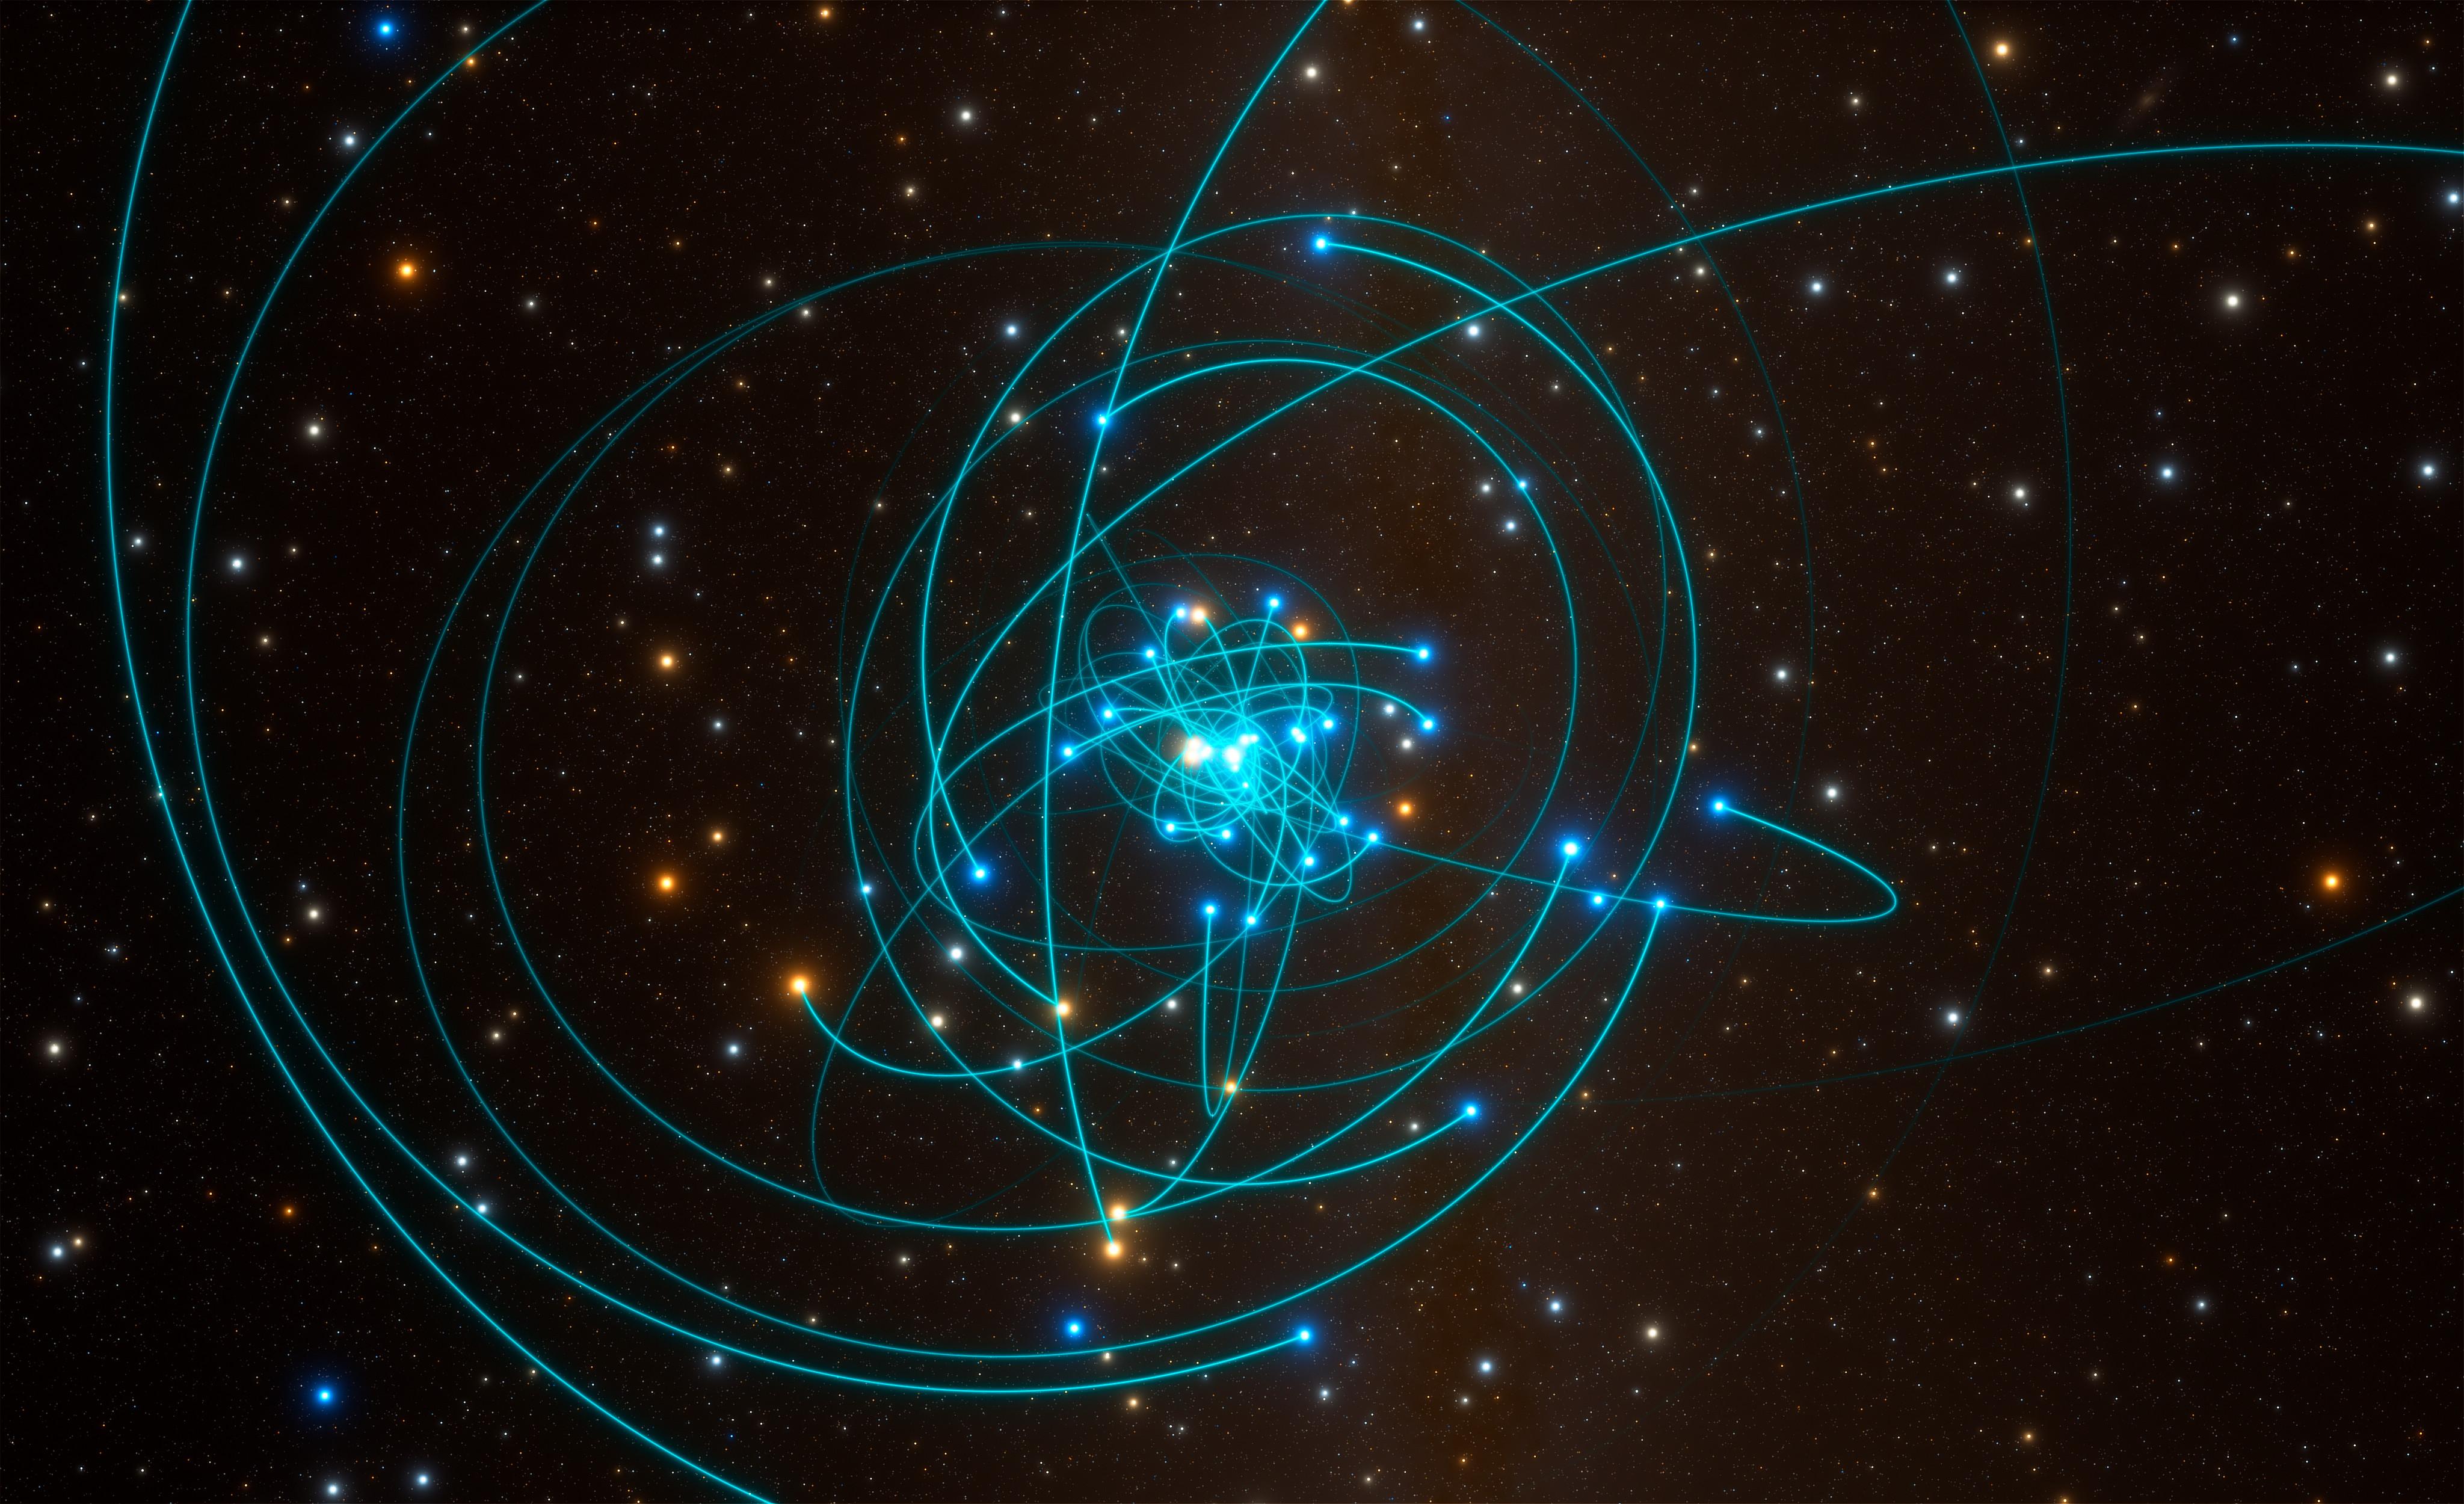 Esta simulación muestra las órbitas de las estrellas muy cerca del agujero negro supermasivo en el centro de la Vía Láctea. Crédito: ESO/L. Calçada/spaceengine.org